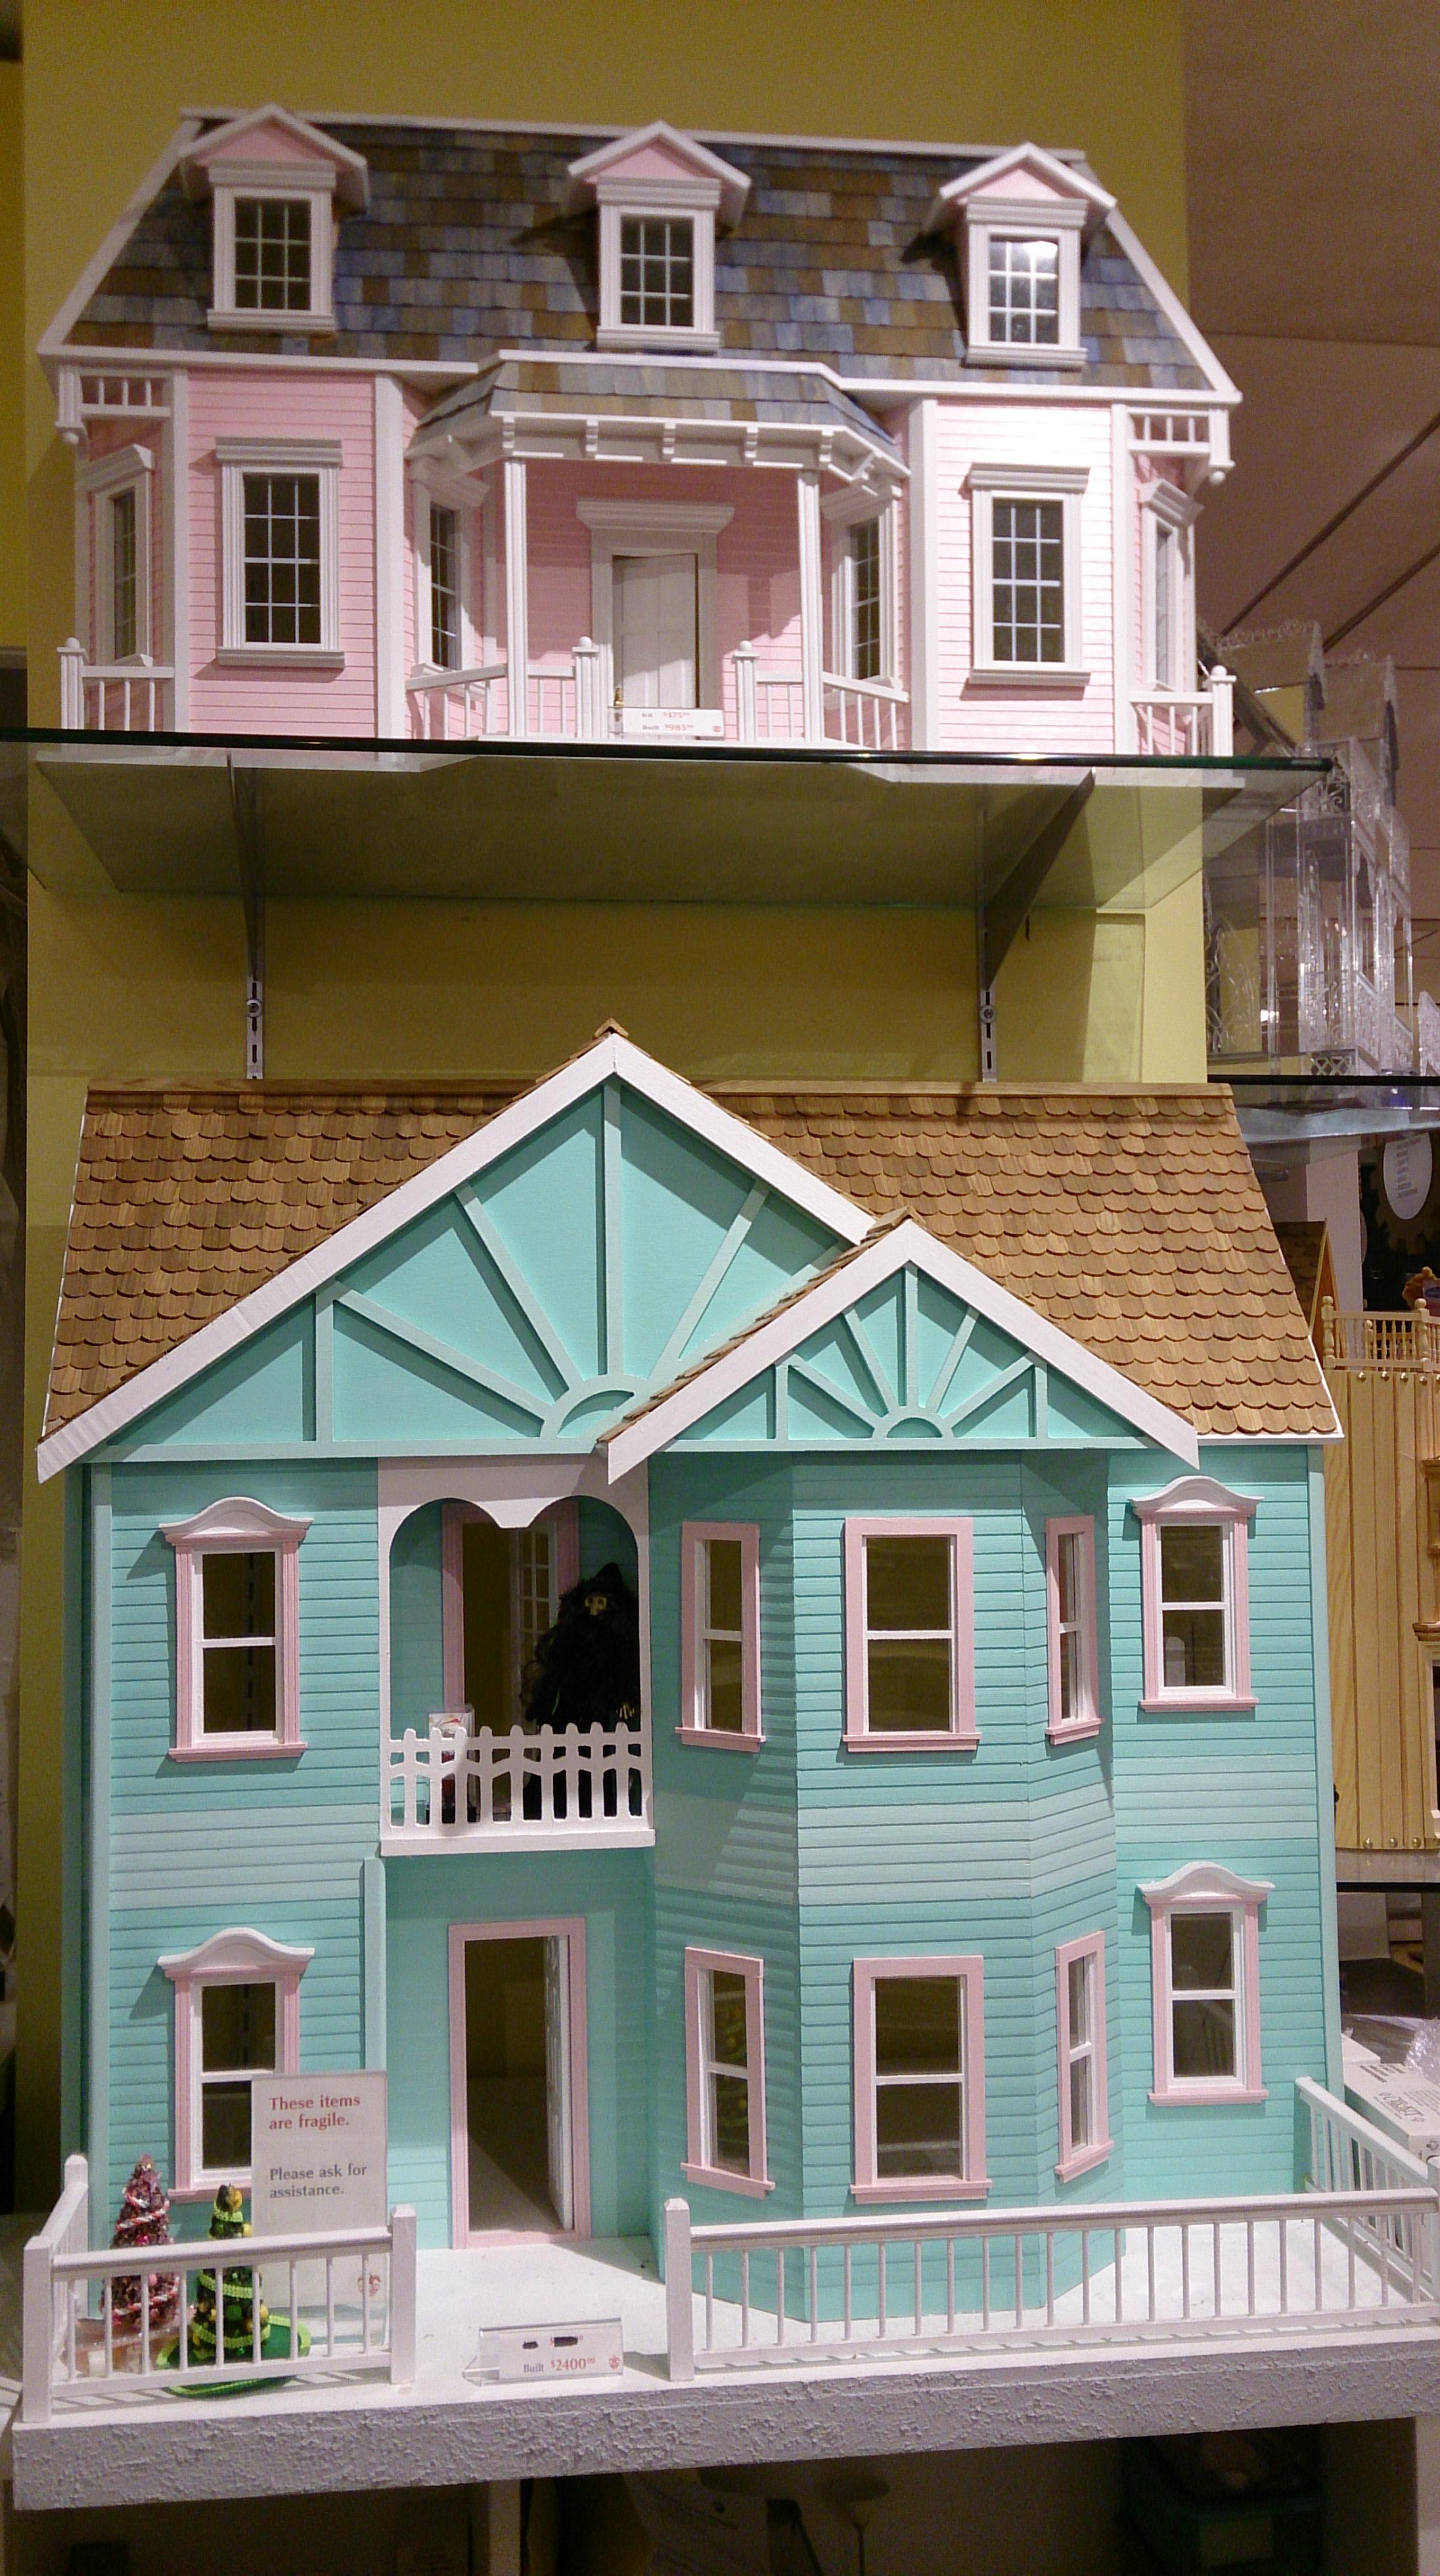 loja brinquedos Nova Iorque casas boneca